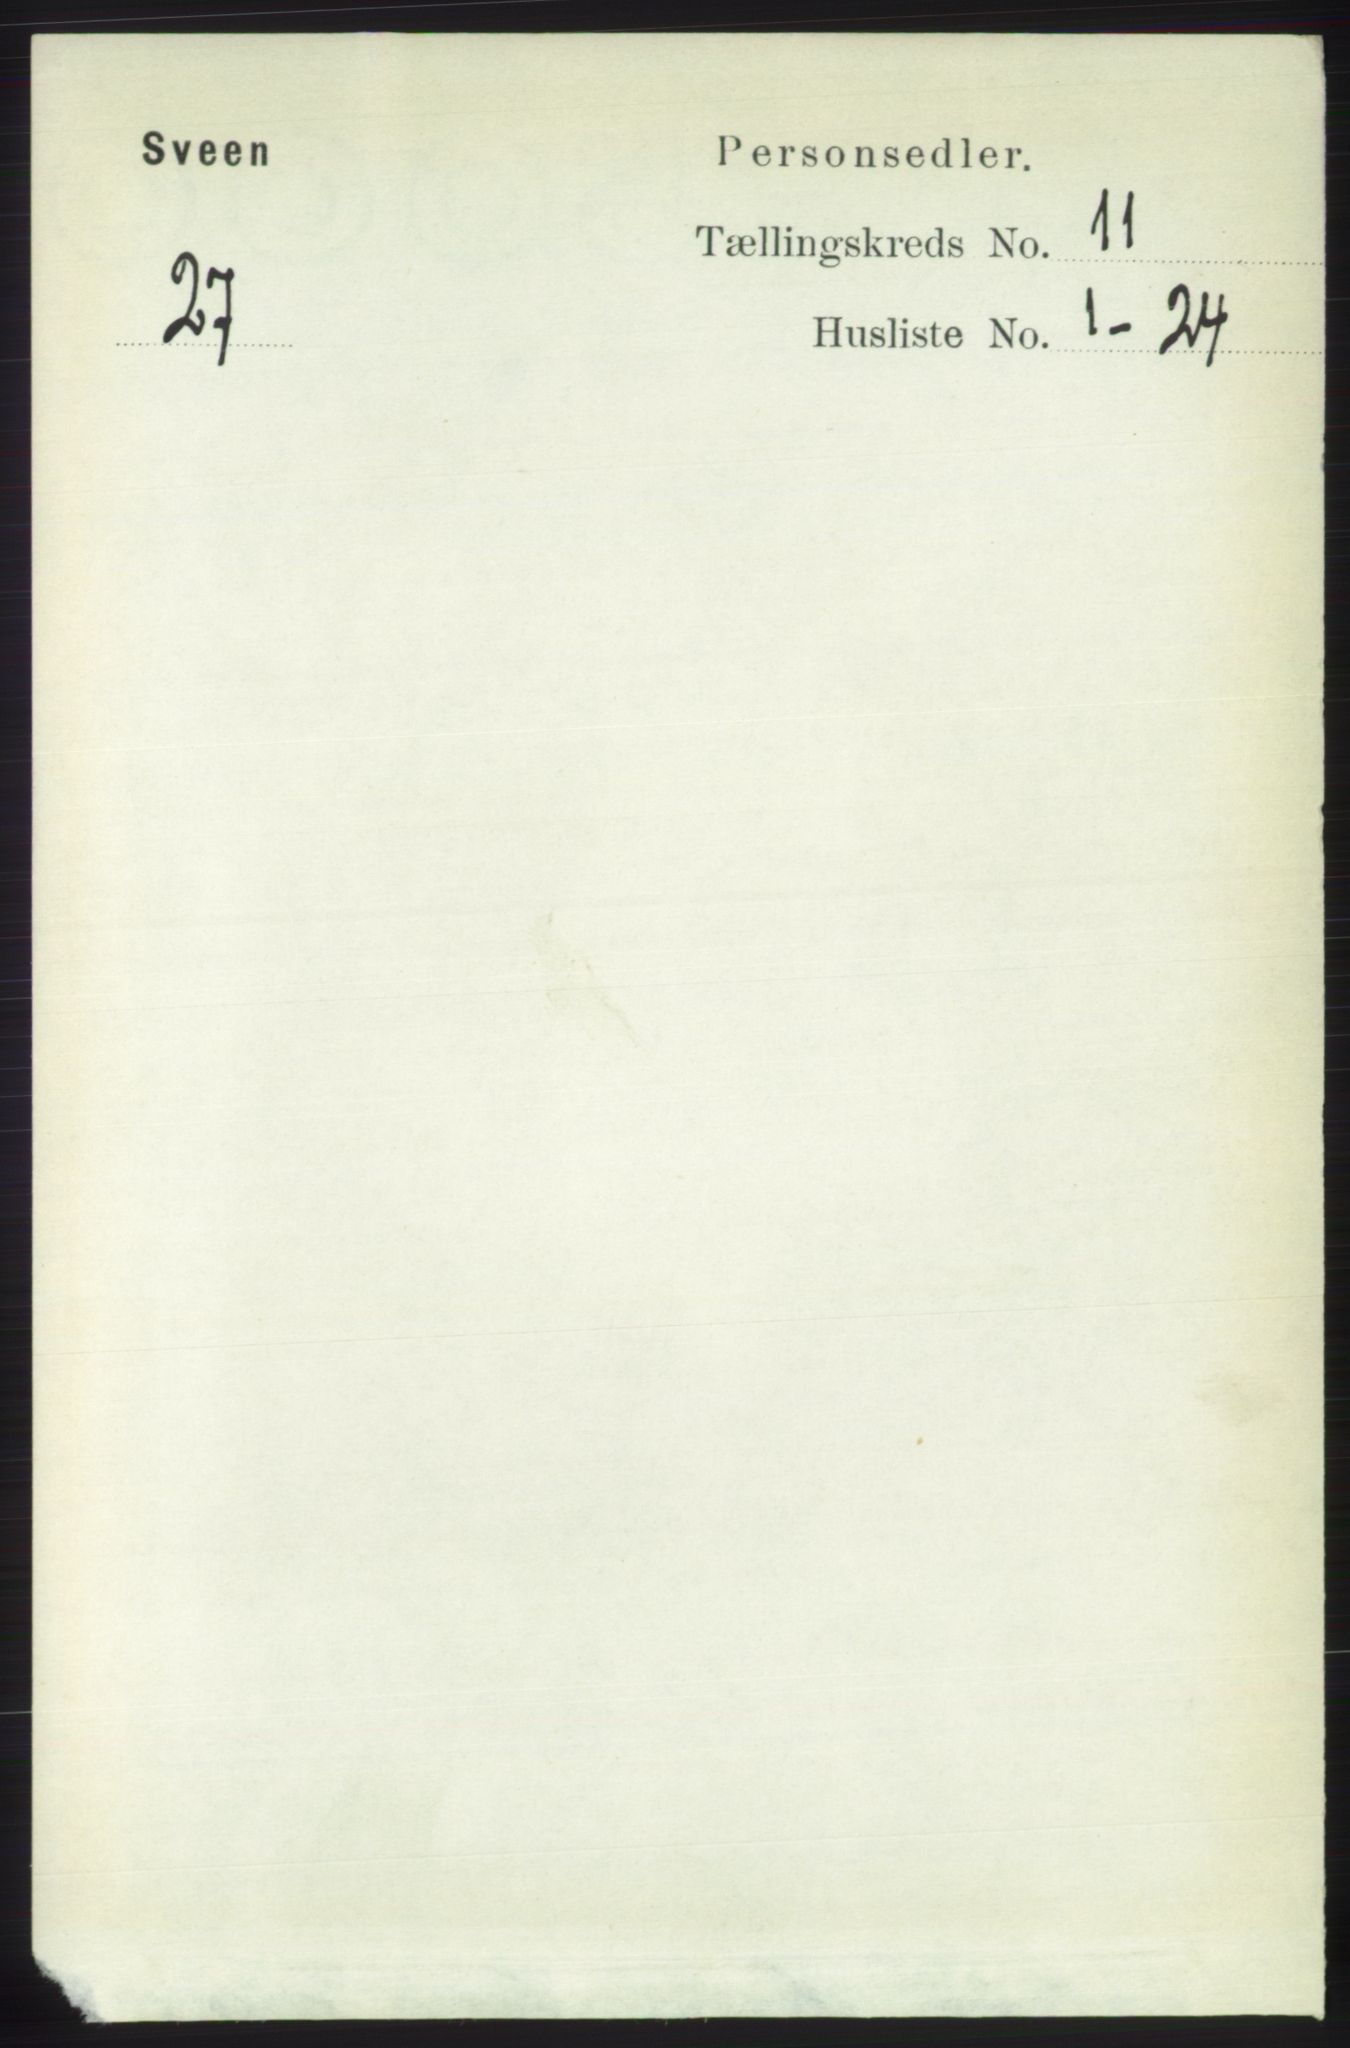 RA, Folketelling 1891 for 1216 Sveio herred, 1891, s. 3121